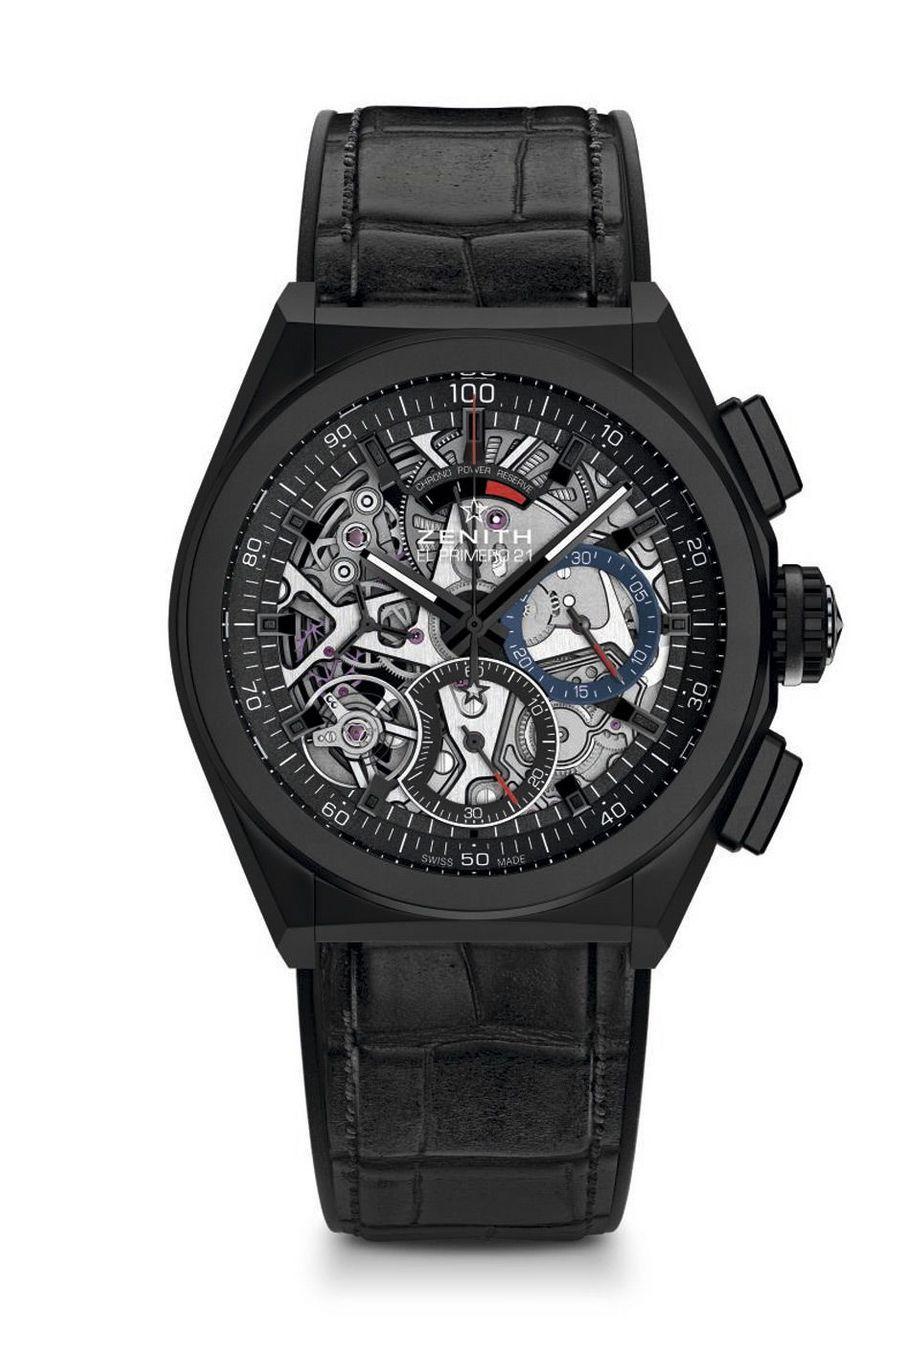 Defy El Primero 21 en aluminium céramisé, 44 mm de diamètre, mouvement chronographe squelette automatique, bracelet en caoutchouc recouvert d'alligator. 11 500 €. Zenith.